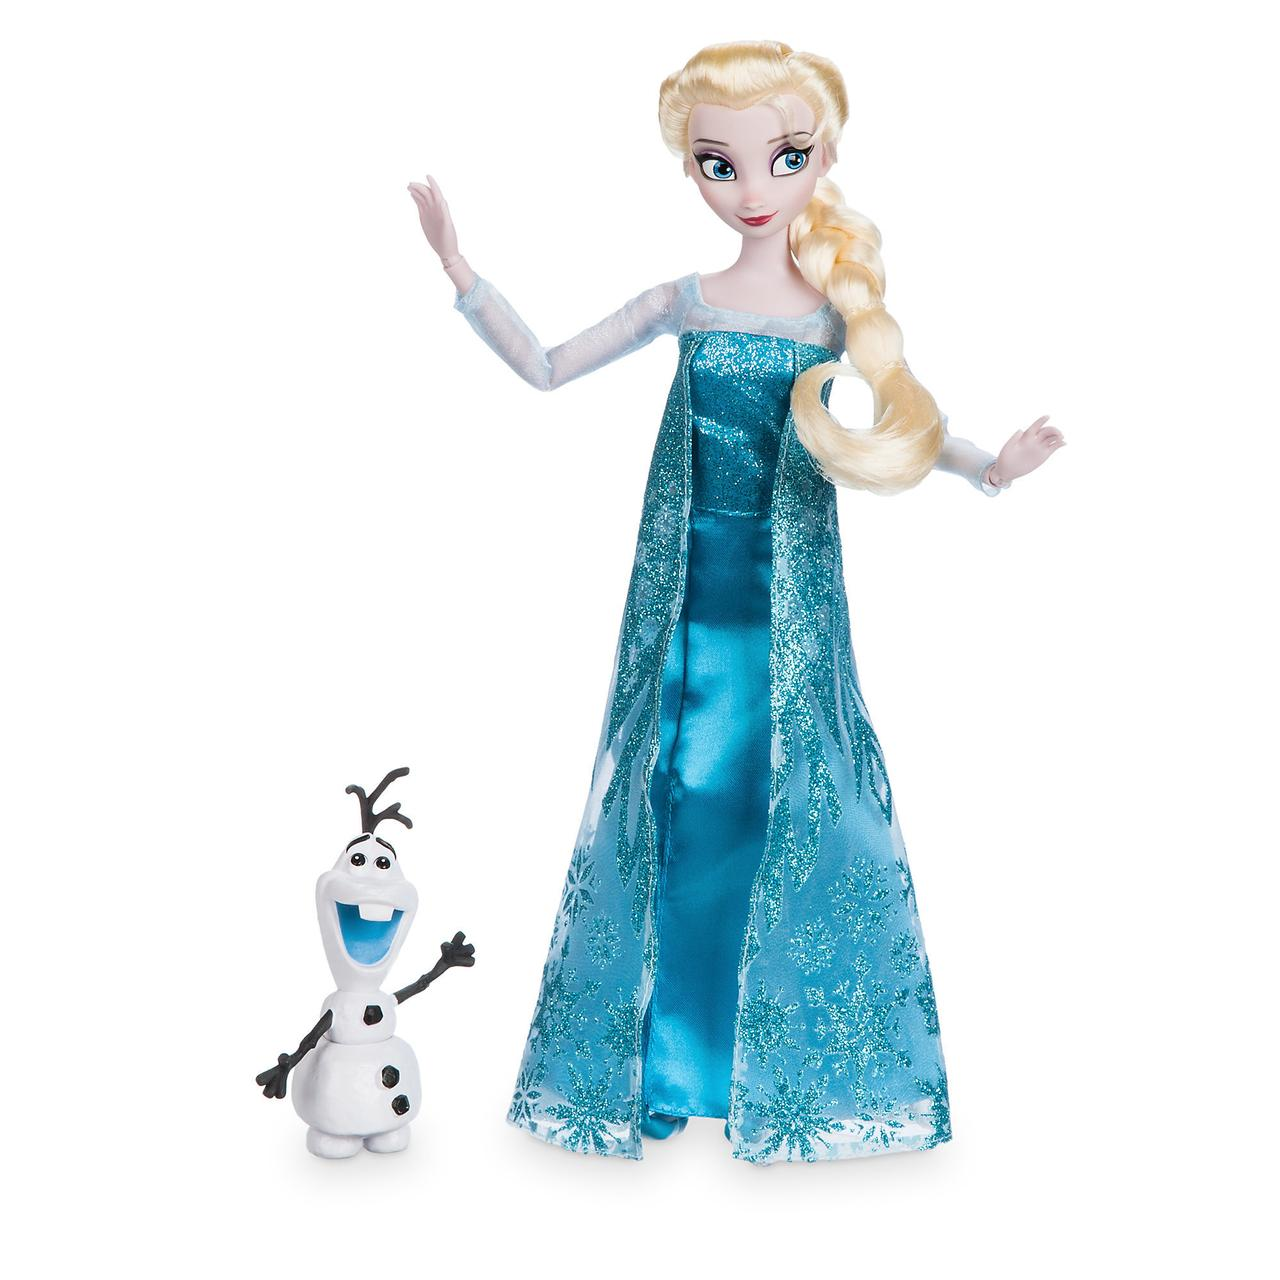 Disney Классическая кукла Принцесса Эльза с снеговиком Олафом - Холодн